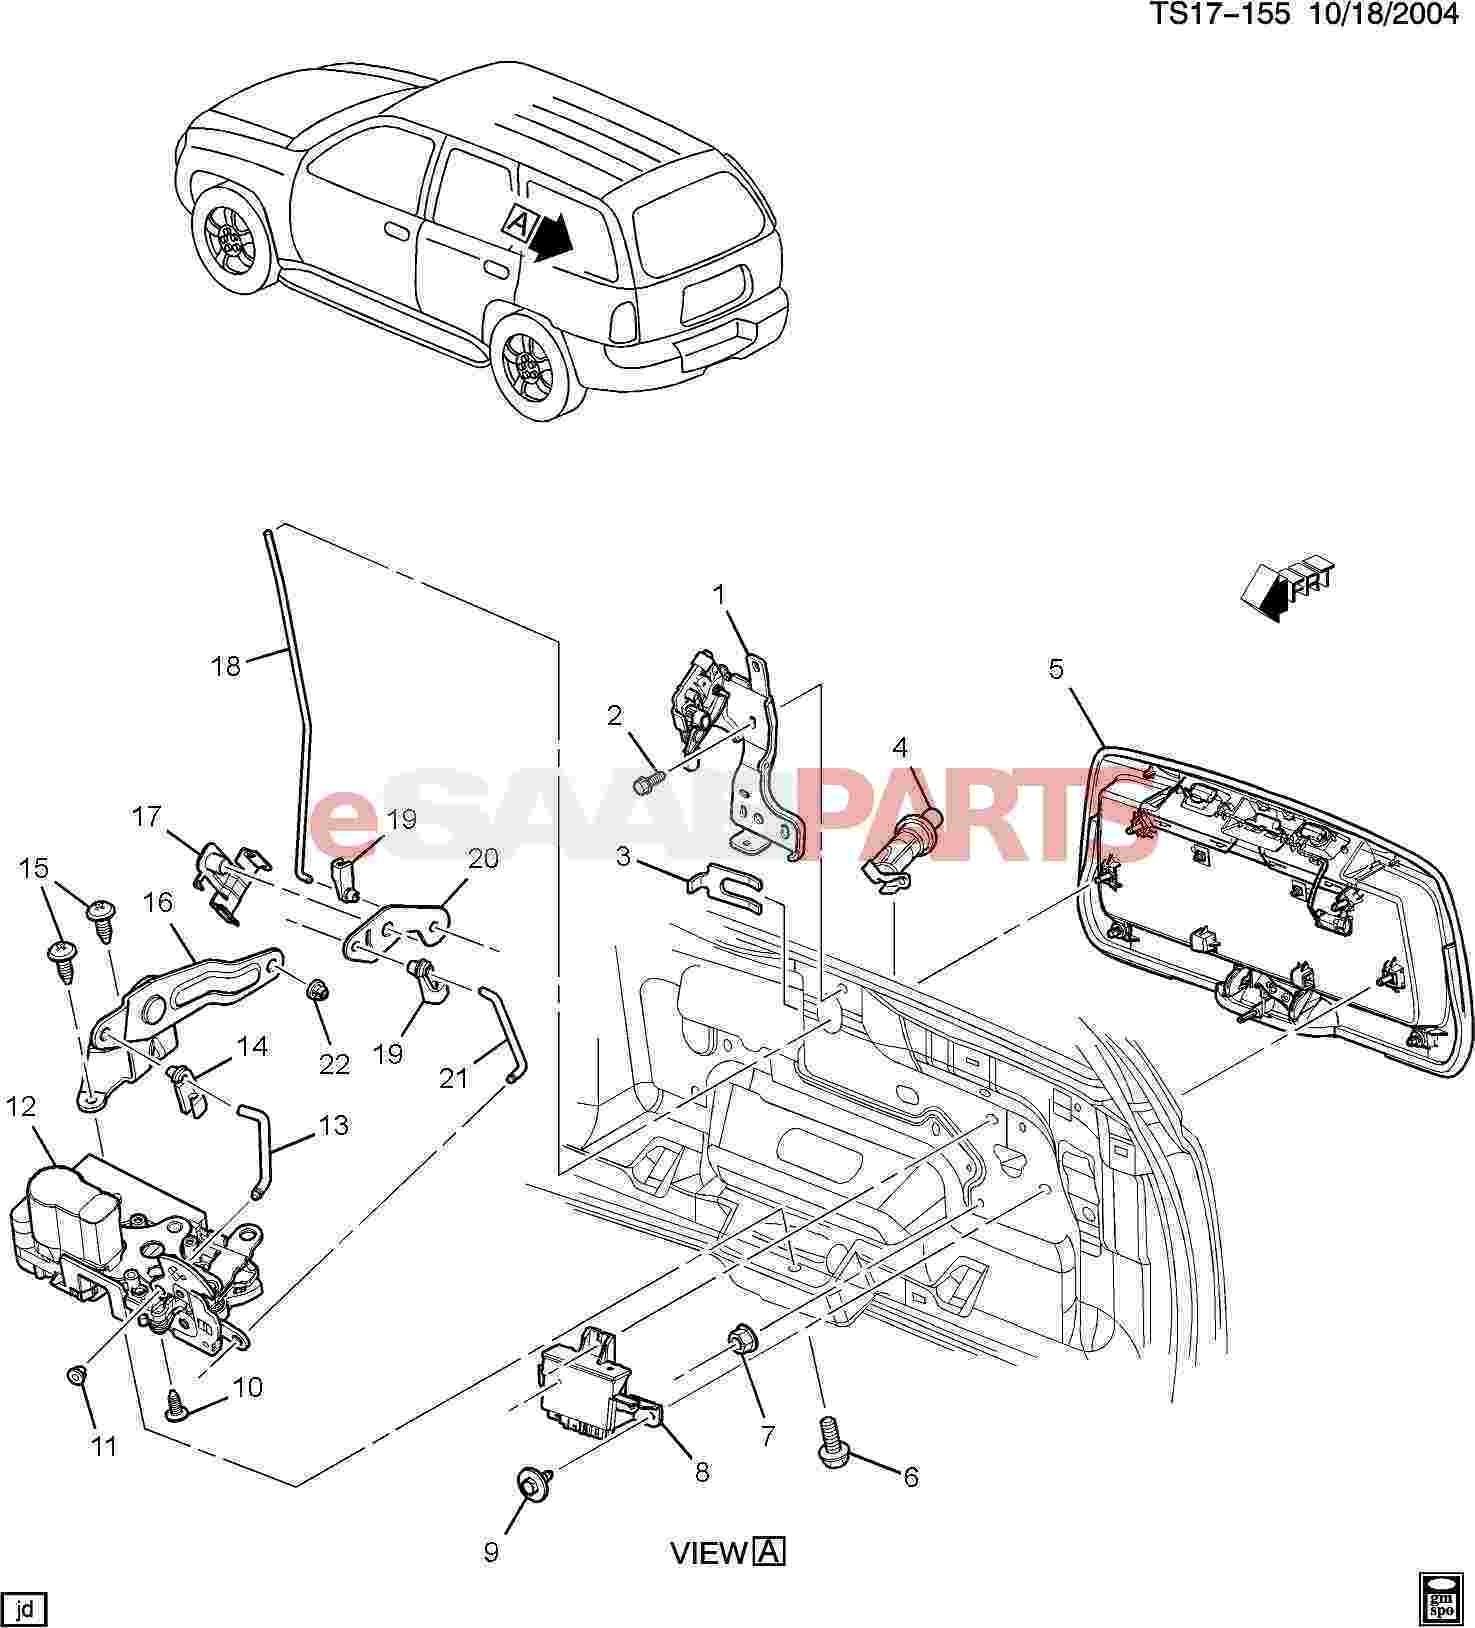 Car Body Parts Diagram Esaabparts Saab 9 7x Car Body External Parts Trunk Of Car Body Parts Diagram